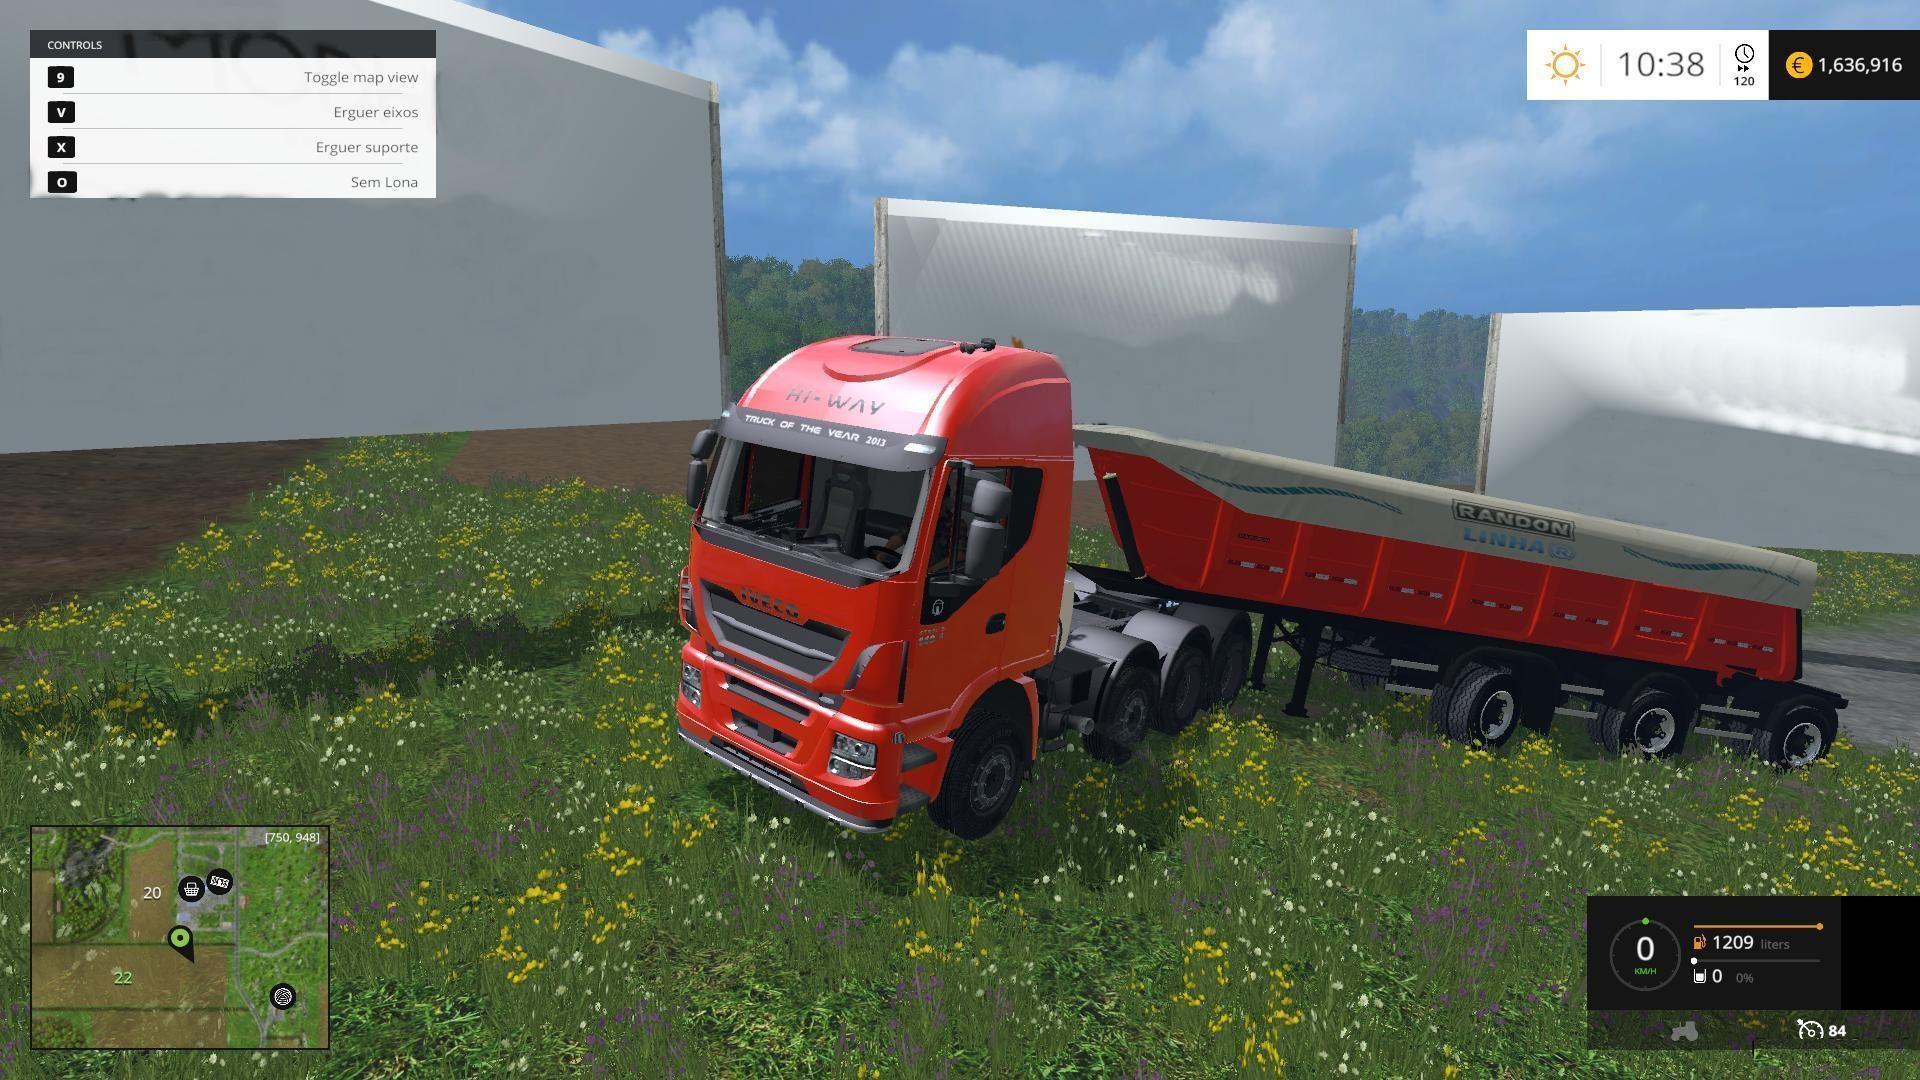 1424170565_iveco-stralis-560-8x4-trailer-v1_1-61